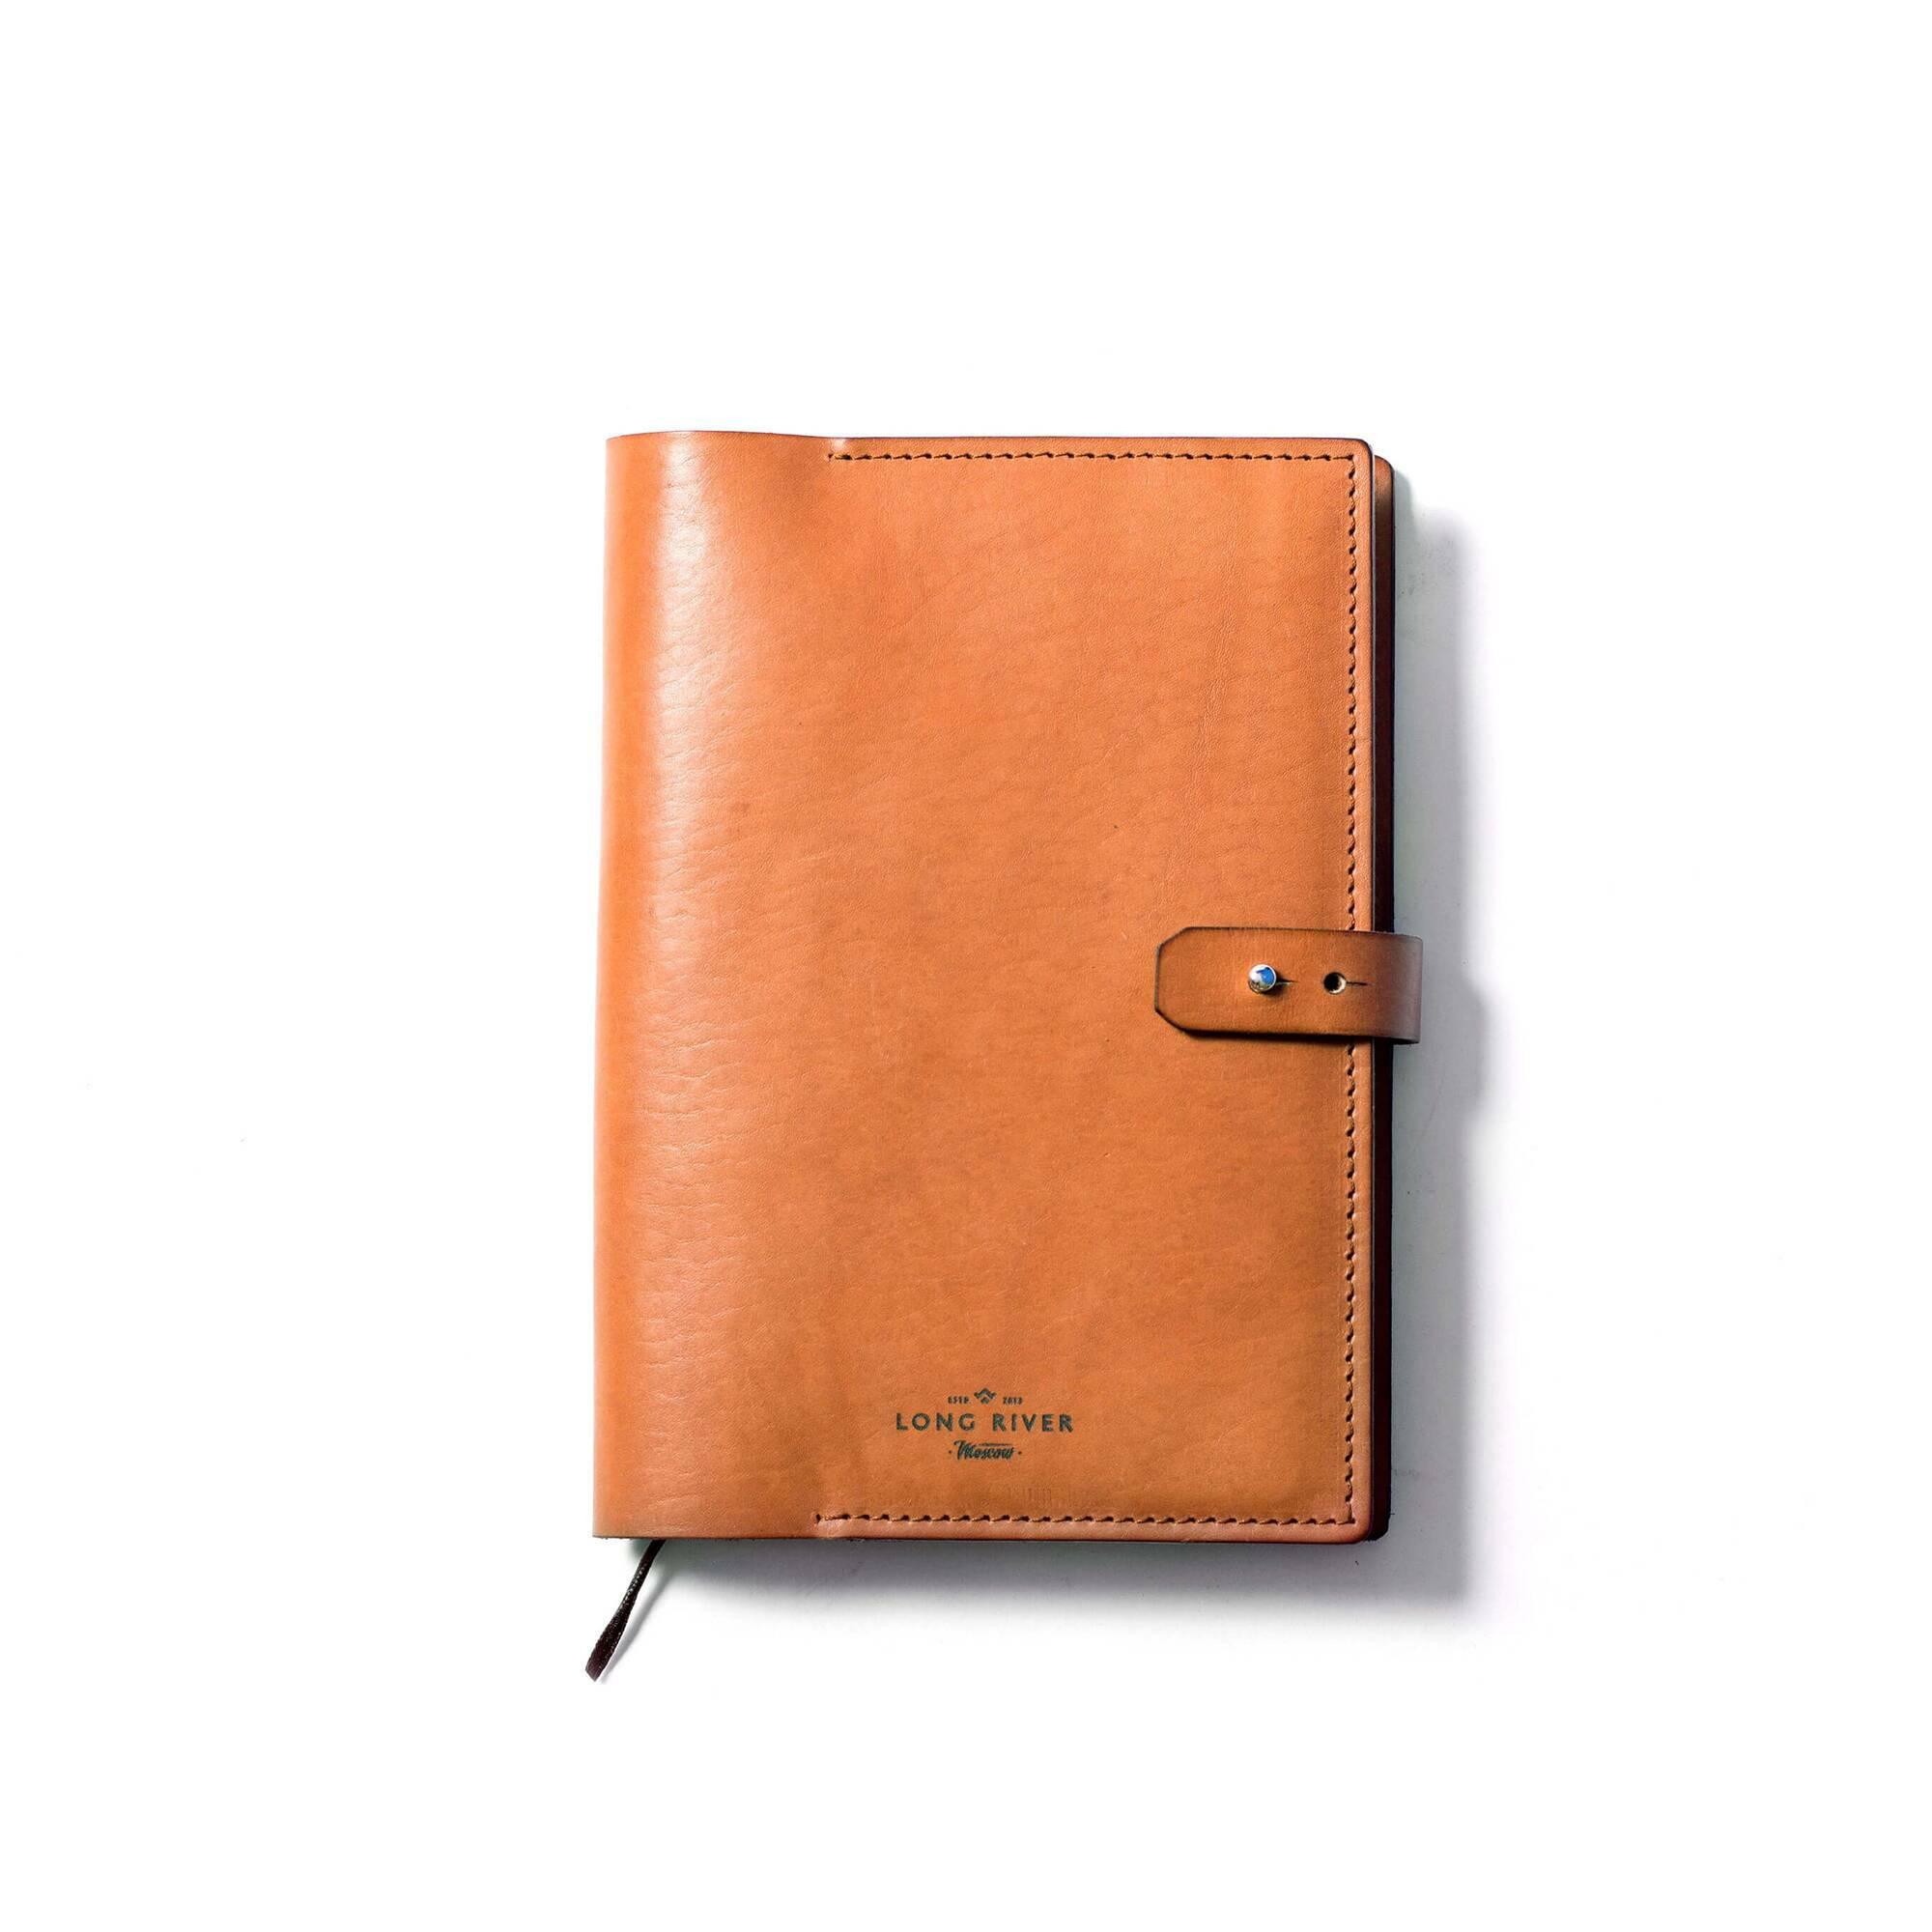 Обложка для ежедневника Ramme, рыжаяРазное<br>Ежедневник или блокнот, «укрепленный» плотной обложкой, способен служить своему владельцу бесконечно долго, страницы сохранятся в идеальном состоянии, а вам не придется прятать книжку в дальний карман. Дизайнерская обложка для ежедневника Ramme (Рамме) – это то, что нужно для идеальной сохранности ваших деловых и личных записей от влаги, механического воздействия и износа.<br><br><br> Обложка порадует вас своей прочностью и плотностью, модель выполнена из натуральной кожи высочайшего качества. И...<br><br>stock: 0<br>Высота: 23,5<br>Ширина: 2<br>Материал: Кожа<br>Цвет: Рыжий<br>Длина: 17